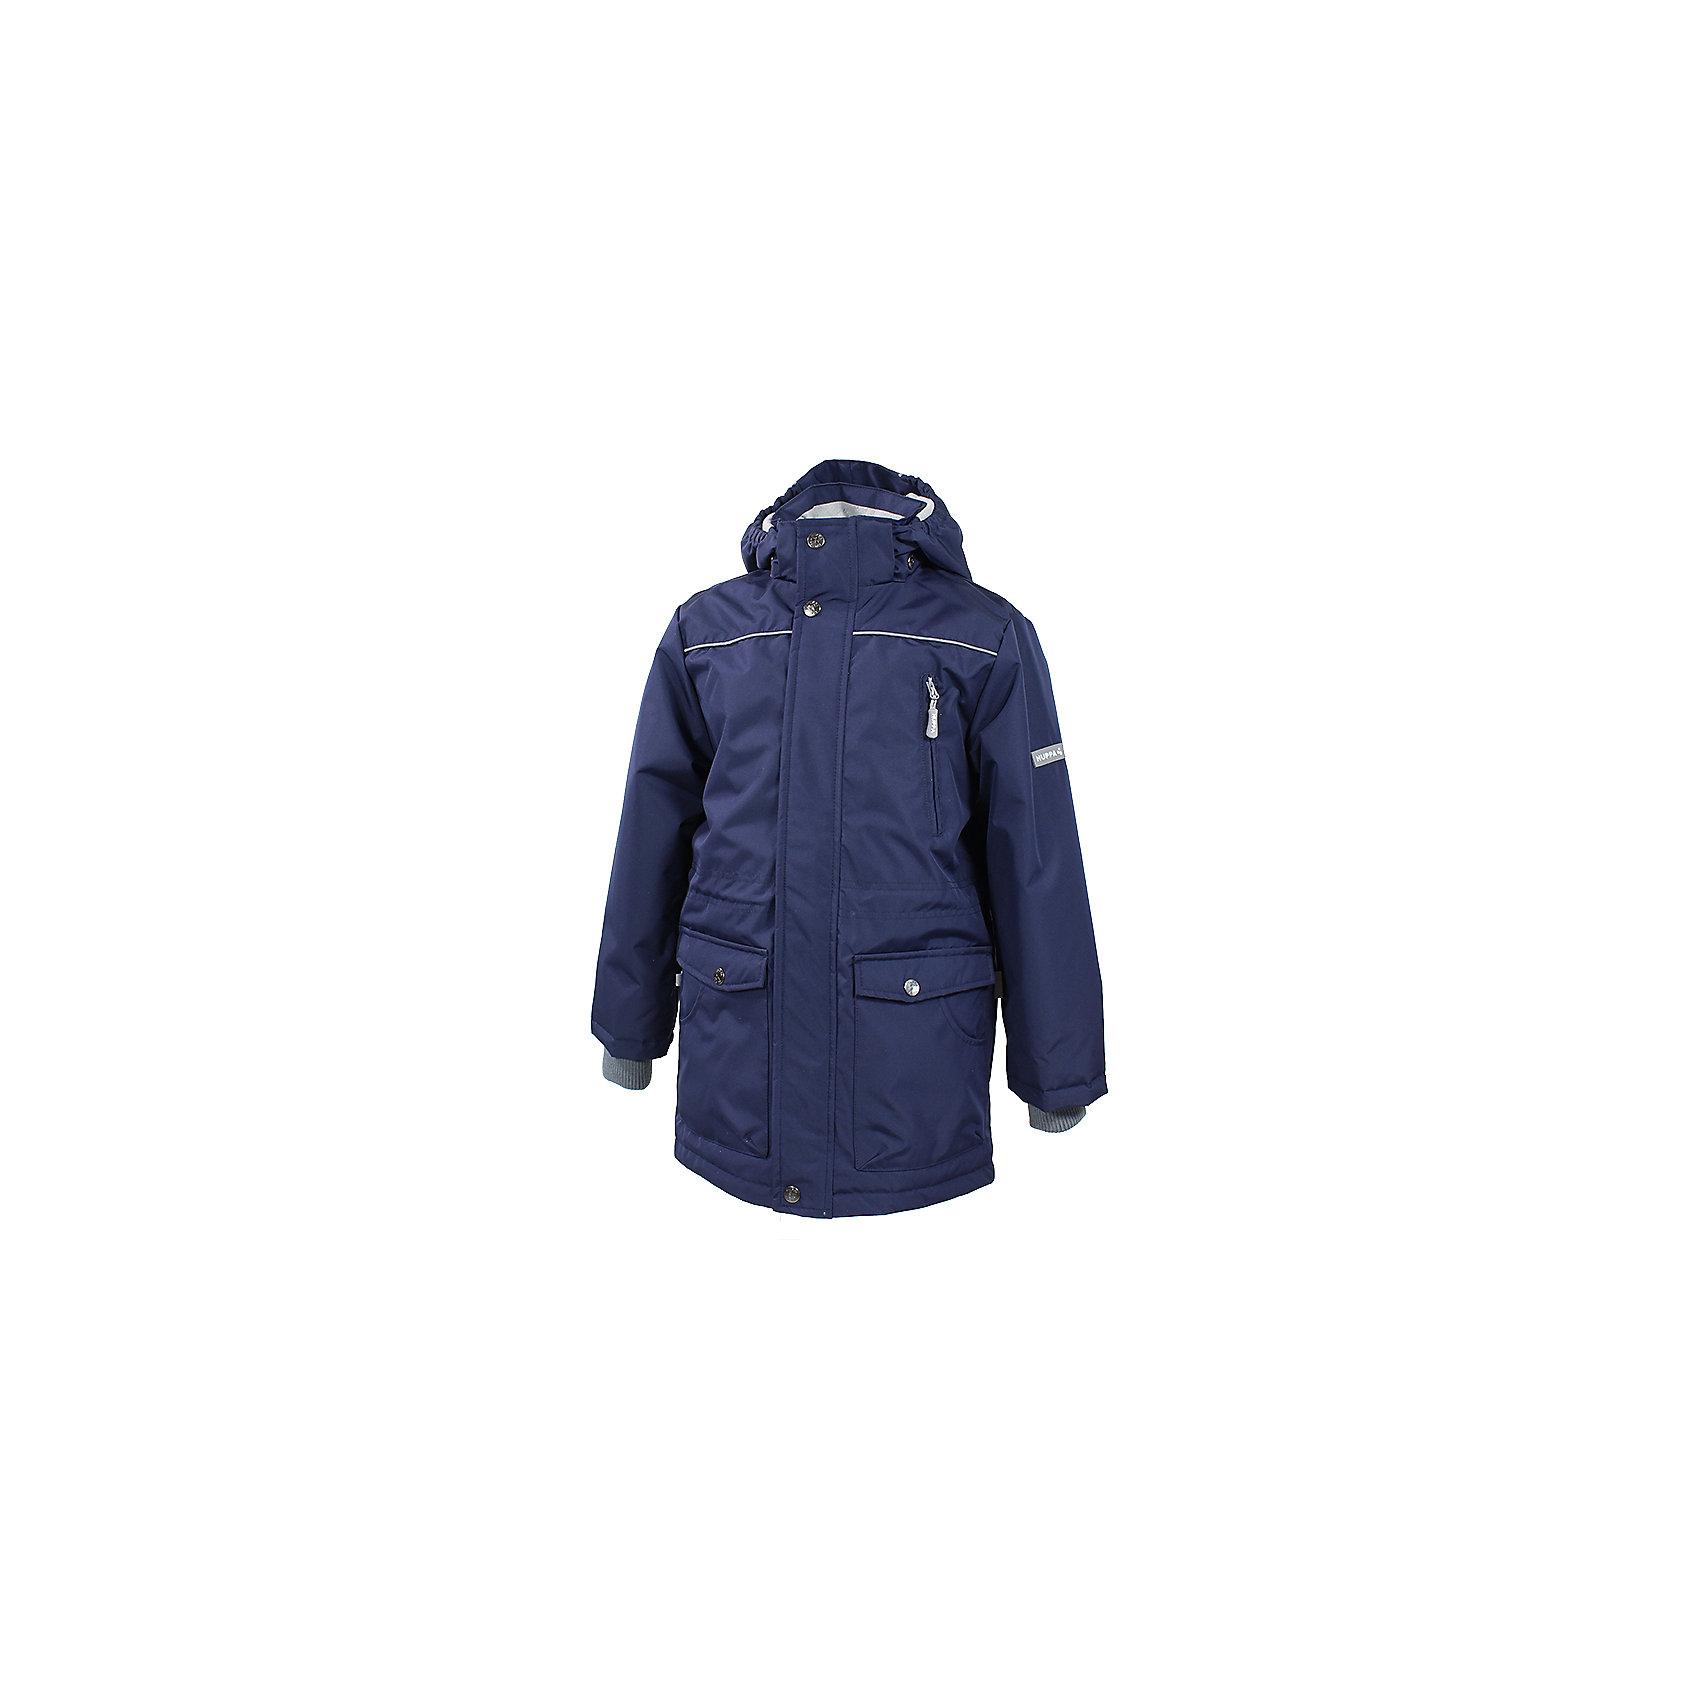 Куртка для мальчика HuppaHuppaTherm 40 грамм<br>Высокотехнологичный лёгкий синтетический утеплитель нового поколения, сохраняет объём и высокую теплоизоляцию изделия, а также легко стирается и быстро сохнет.<br><br>Влагоустойчивая и дышащая ткань 10 000/ 10 000<br>Мембрана препятствует прохождению воды и ветра сквозь ткань внутрь изделия, позволяя испаряться выделяемой телом, образовывающейся внутри влаге.<br><br>Проклеенные швы<br>Для максимальной влагонепроницаемости изделия, важнейшие швы проклеены водостойкой лентой.<br><br>Прочная ткань<br>Сплетения волокон в тканях выполнены по специальной технологии, которая придаёт ткани прочность и предохранят от истирания.<br><br>Светоотражательные детали<br>При плохих погодных условиях или в темноте, когда свет падает на одежду, он отражается, делая ребёнка более заметным, уменьшая возможность несчастных случаев.<br><br>Дополнительная информация:<br><br>Температурный режим: от 0 до +10 С<br>Ткань: 100% полиэстер<br>Подкладка: тафта - 100% полиэстер, флис - 100% полиэстер<br>Утеплитель: 100% полиэстер 40г.<br>Внутренний карман<br>Плечевые швы проклеены<br><br>Куртку для мальчика Huppa можно купить в нашем магазине.<br><br>Ширина мм: 356<br>Глубина мм: 10<br>Высота мм: 245<br>Вес г: 519<br>Цвет: синий<br>Возраст от месяцев: 60<br>Возраст до месяцев: 72<br>Пол: Мужской<br>Возраст: Детский<br>Размер: 116,134,110,104,122,128,140<br>SKU: 4595355